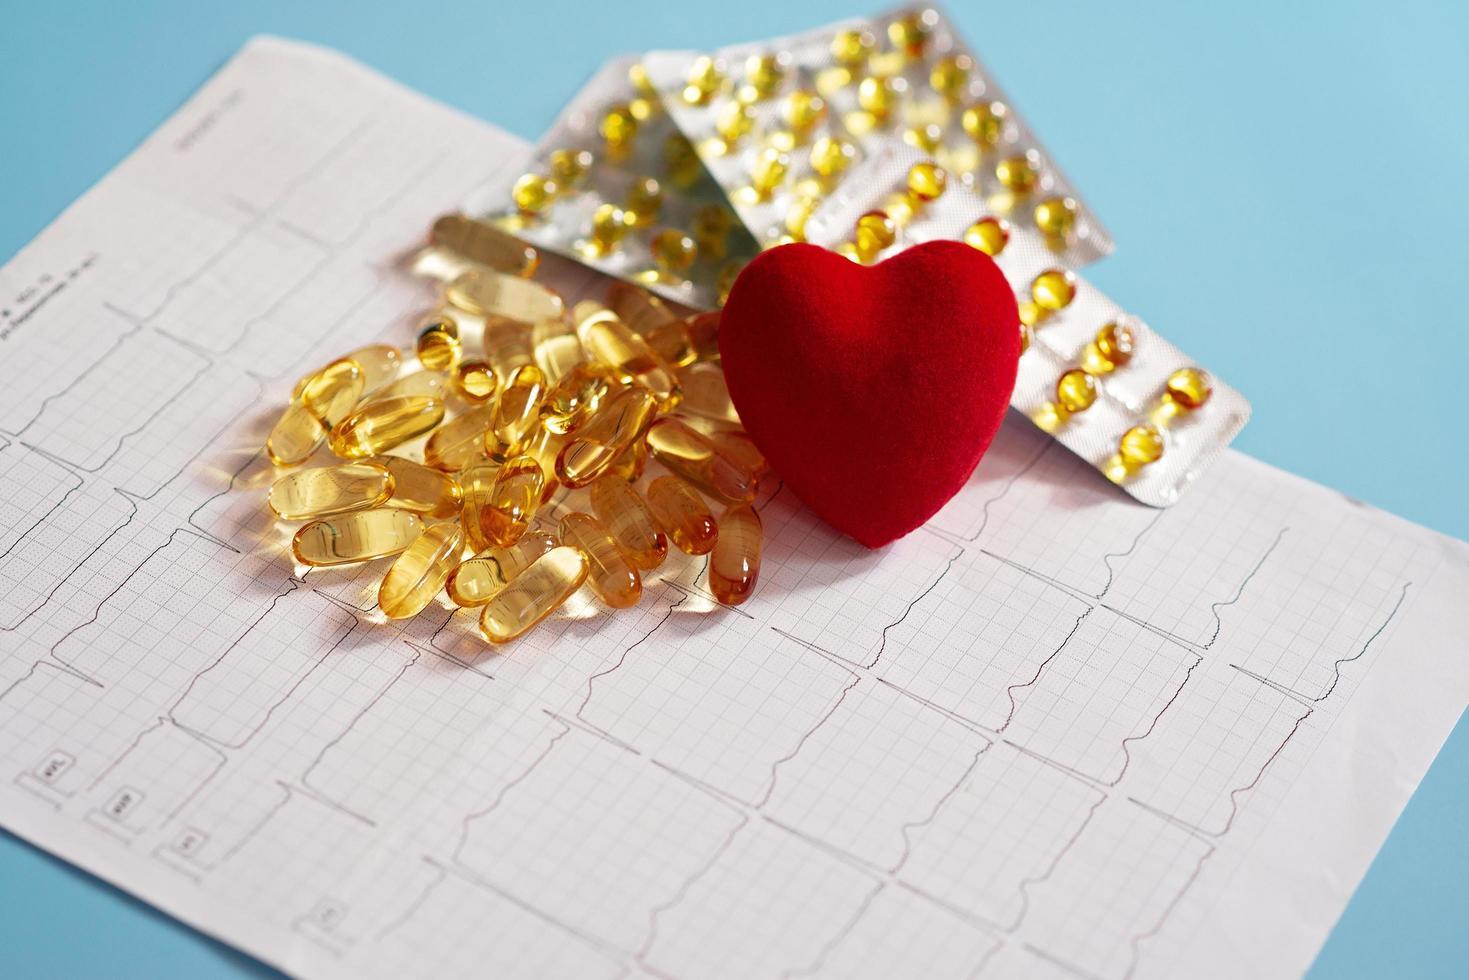 le capsule di omega-3 si trovano su un cardiogramma accanto a un cuore rosso. olio di pesce in compresse. supporto sanitario e trattamento del cuore. foto